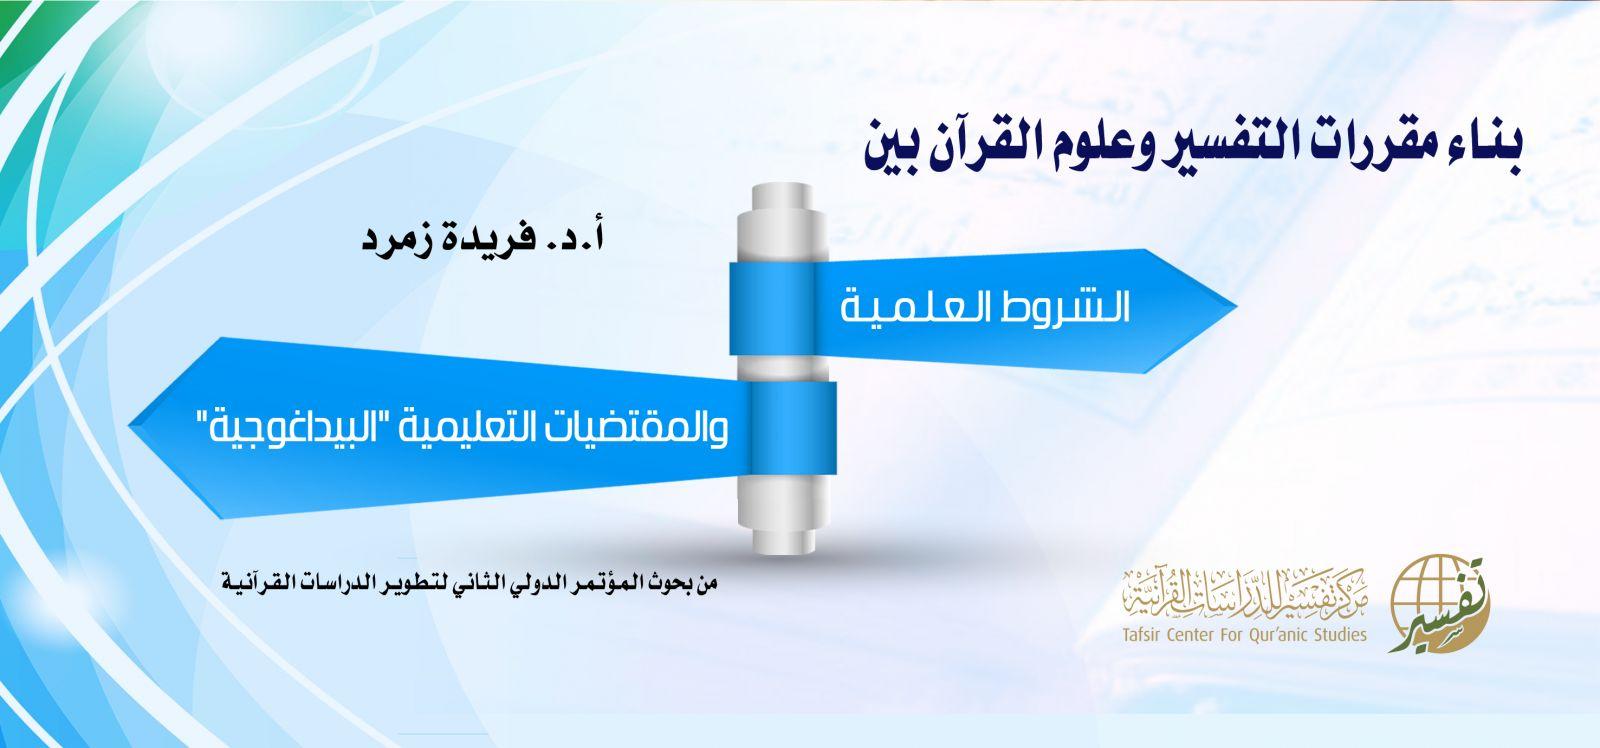 بناء مقررات التفسير وعلوم القرآن بين الشروط العلمية والمقتضيات التعليمية «البيداغوجية»